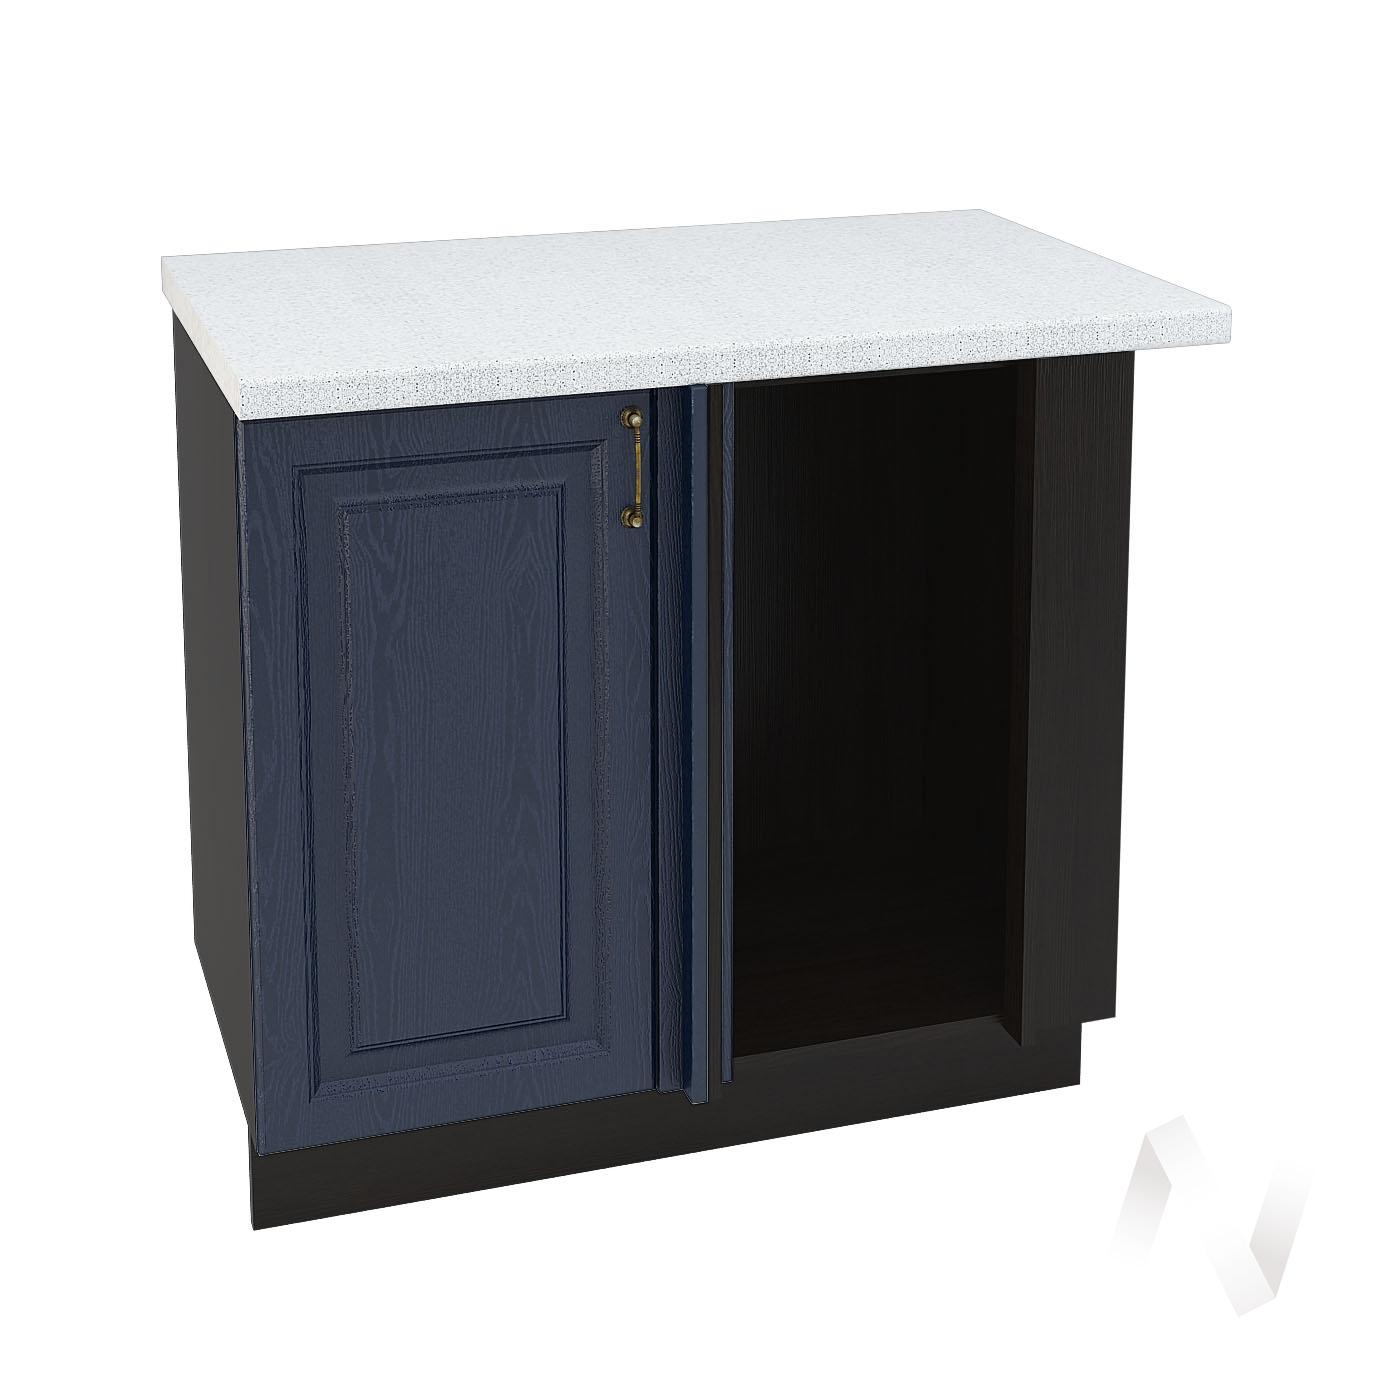 """Кухня """"Ницца"""": Шкаф нижний угловой 990М, ШНУ 990М (Дуб чернильный/корпус венге)"""